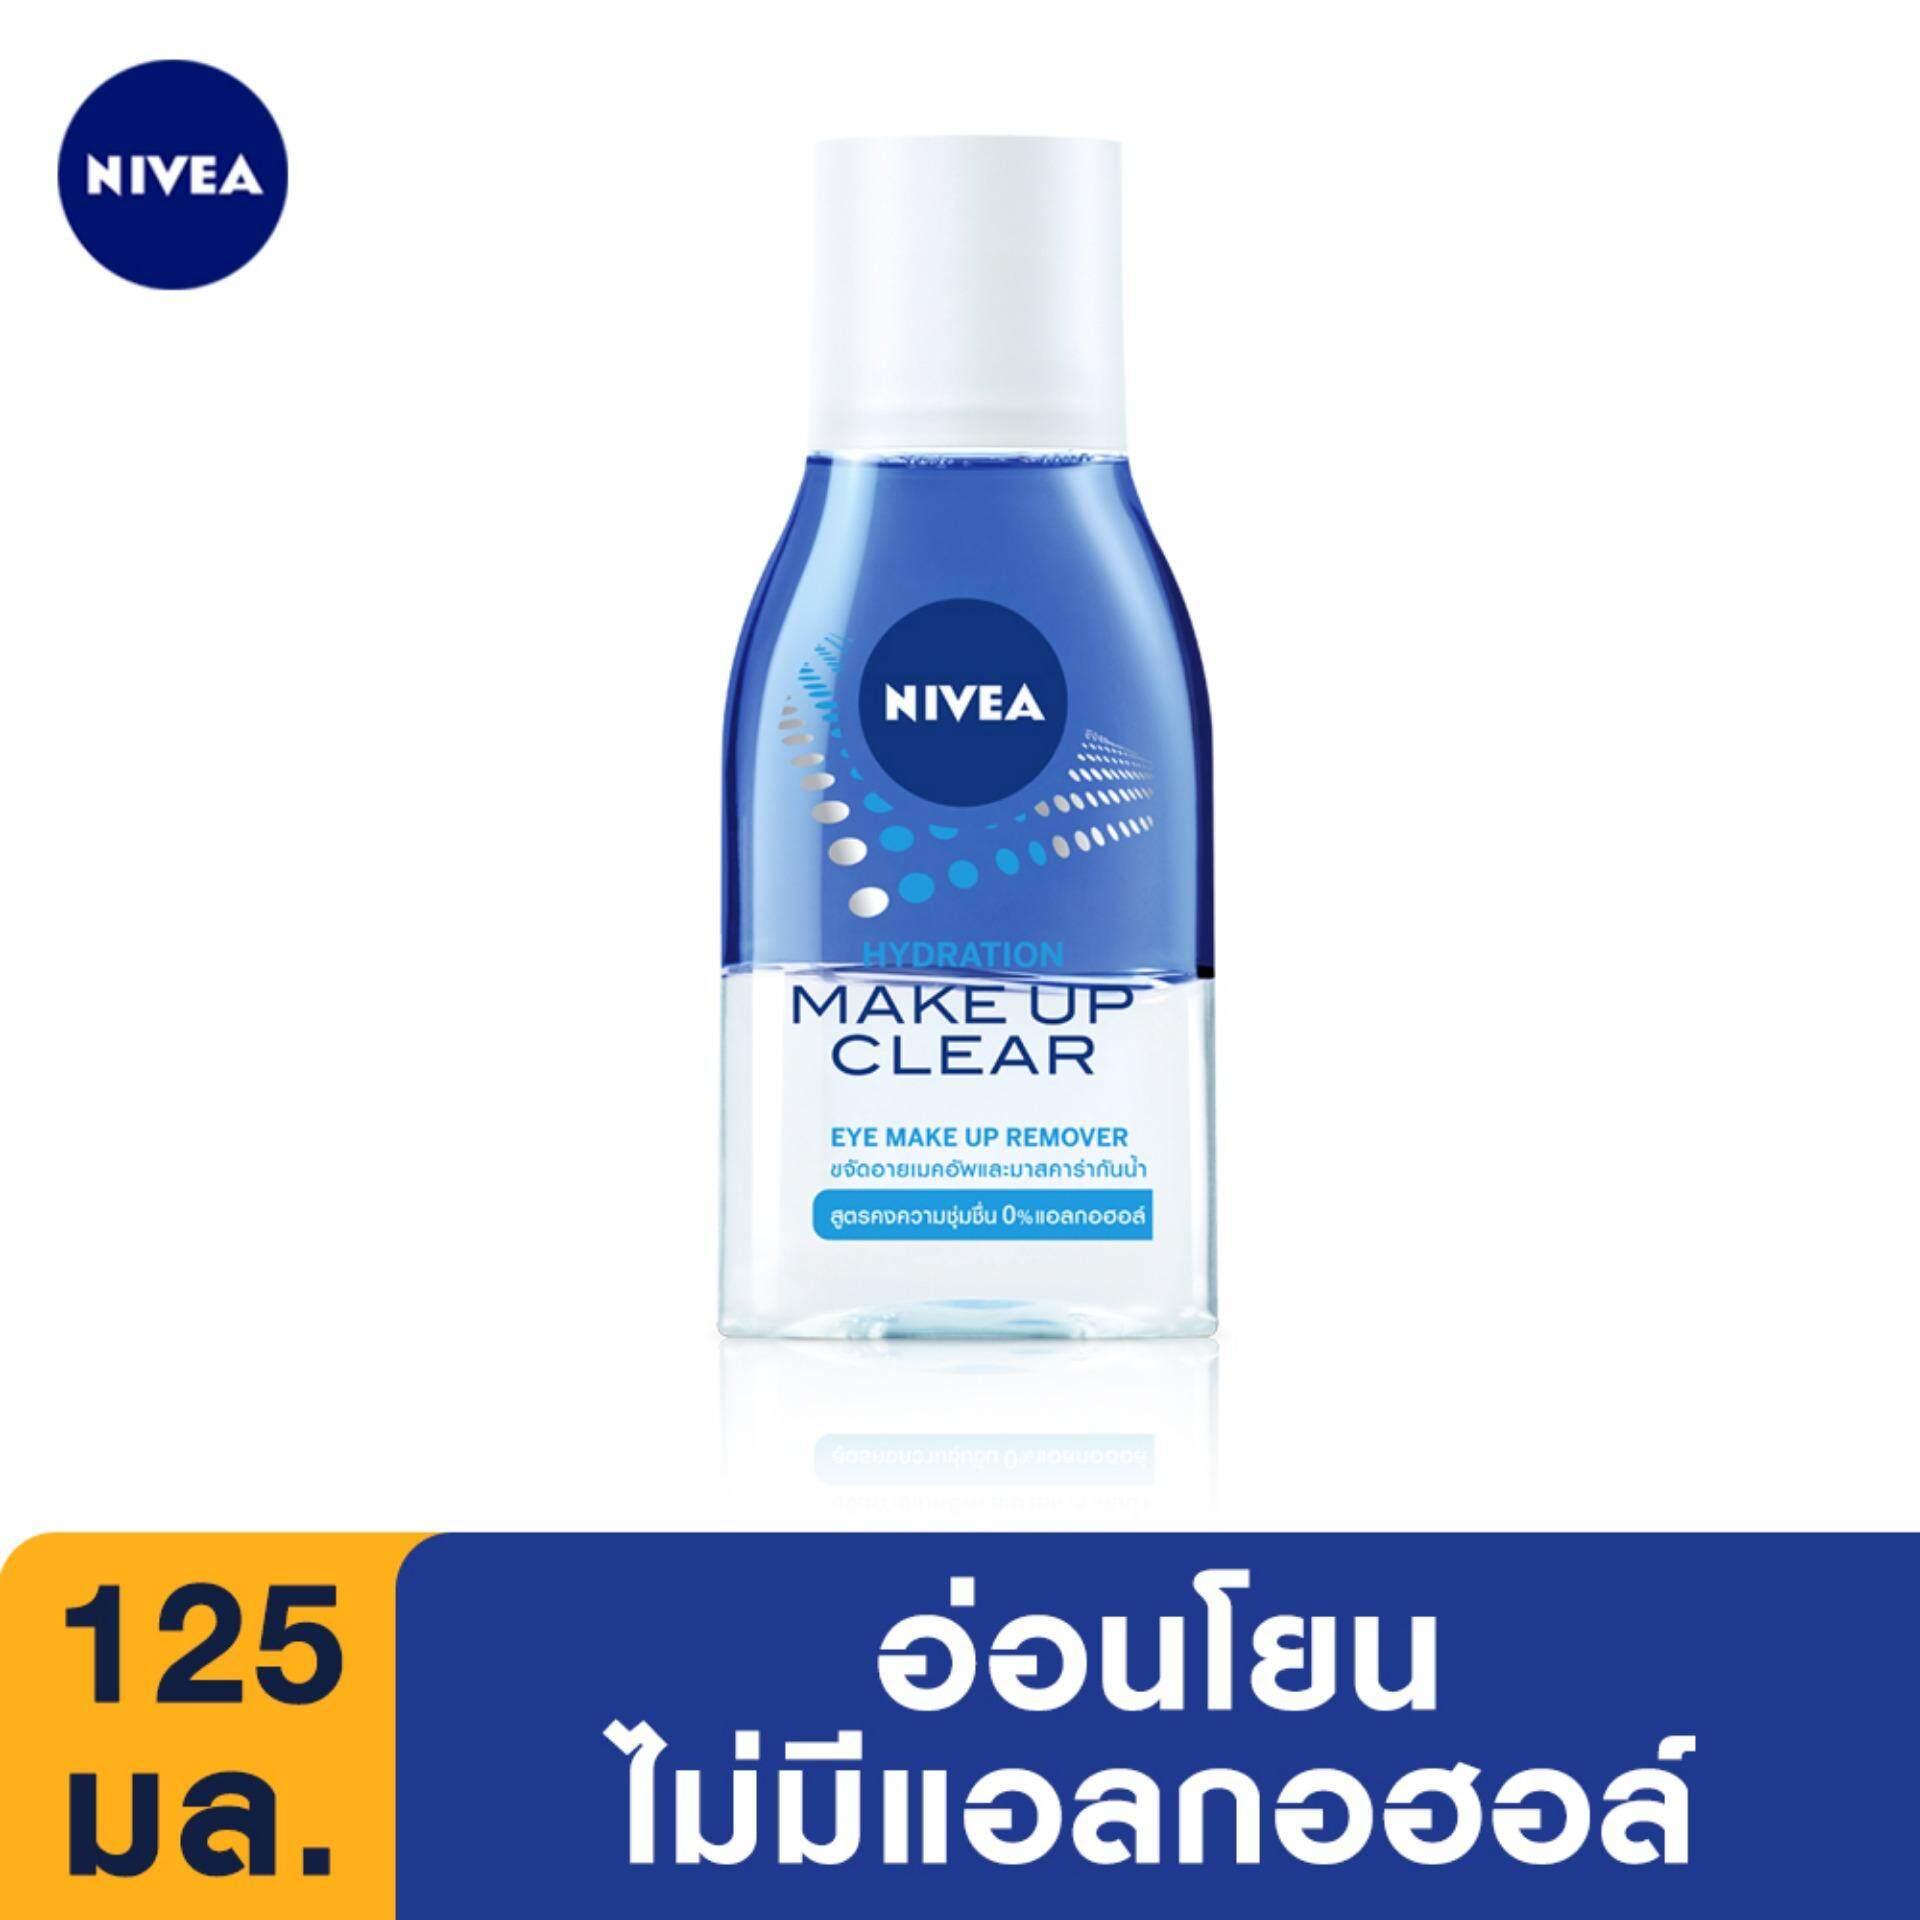 ทบทวน ที่สุด นีเวีย ไฮเดรชั่น เมคอัพ เคลียร์ อาย เมคอัพ รีมูฟเวอร์ 125 มล Nivea Hydration Make Up Clear Eye Make Up Remover 125 Ml